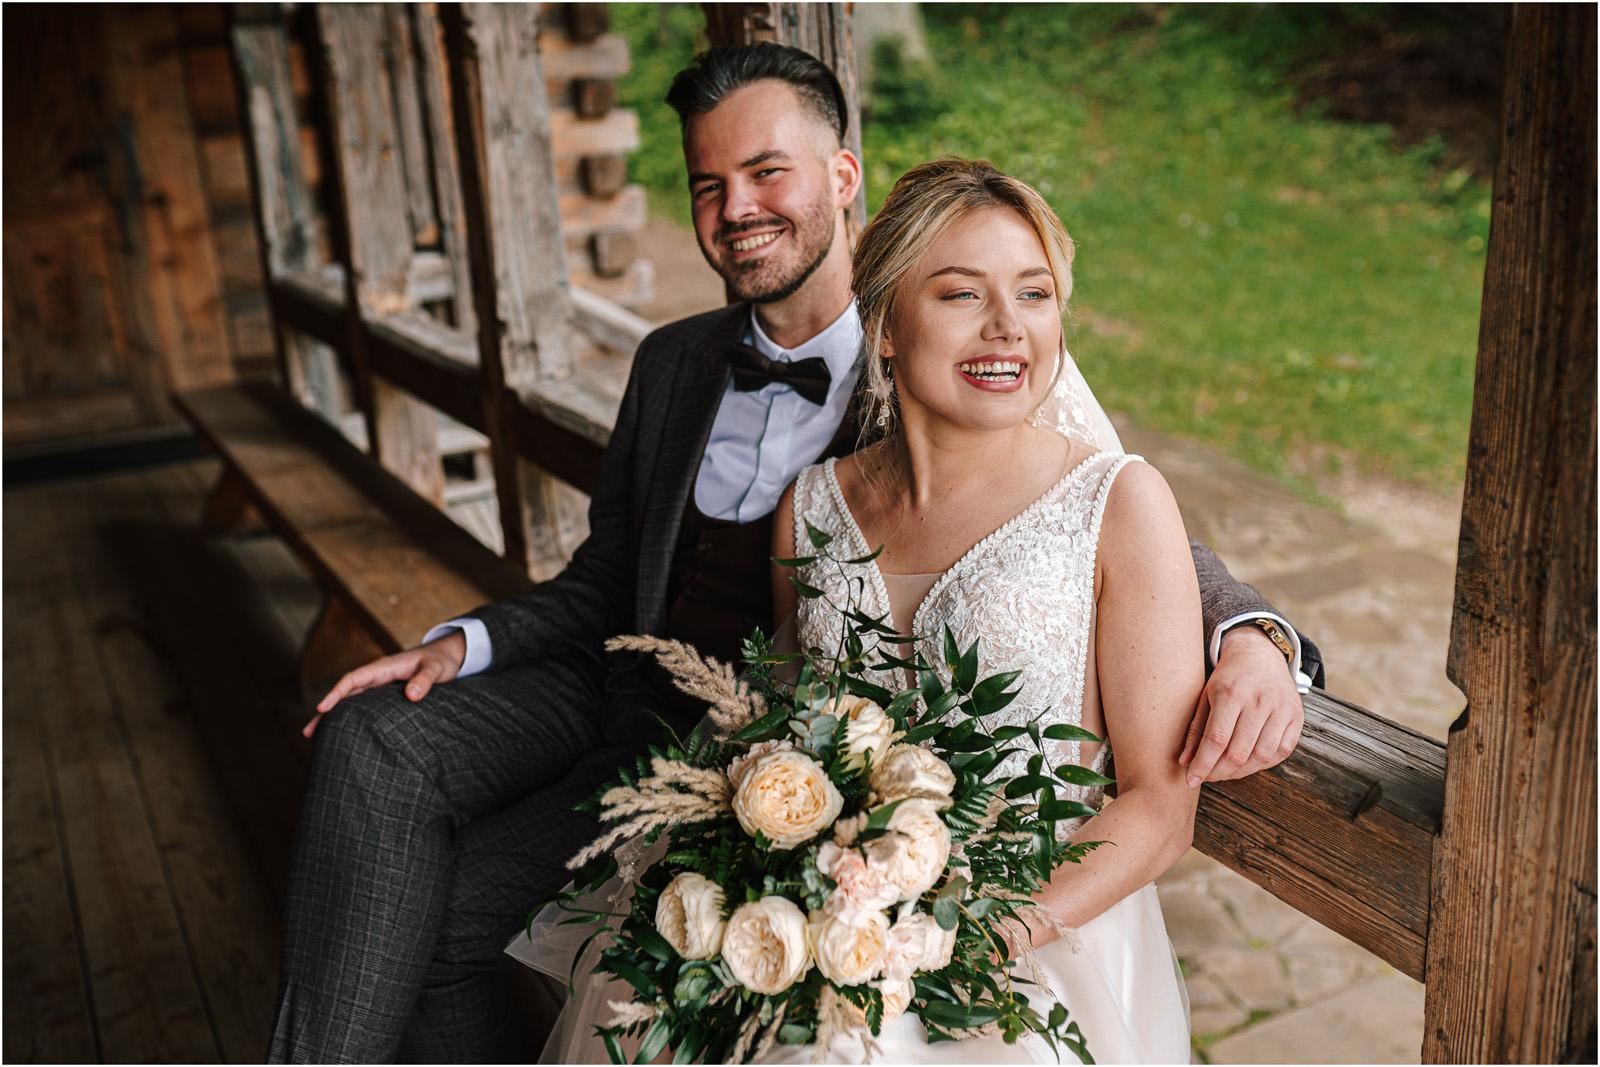 Amanda & Błażej | ślub i sesja w górach 44